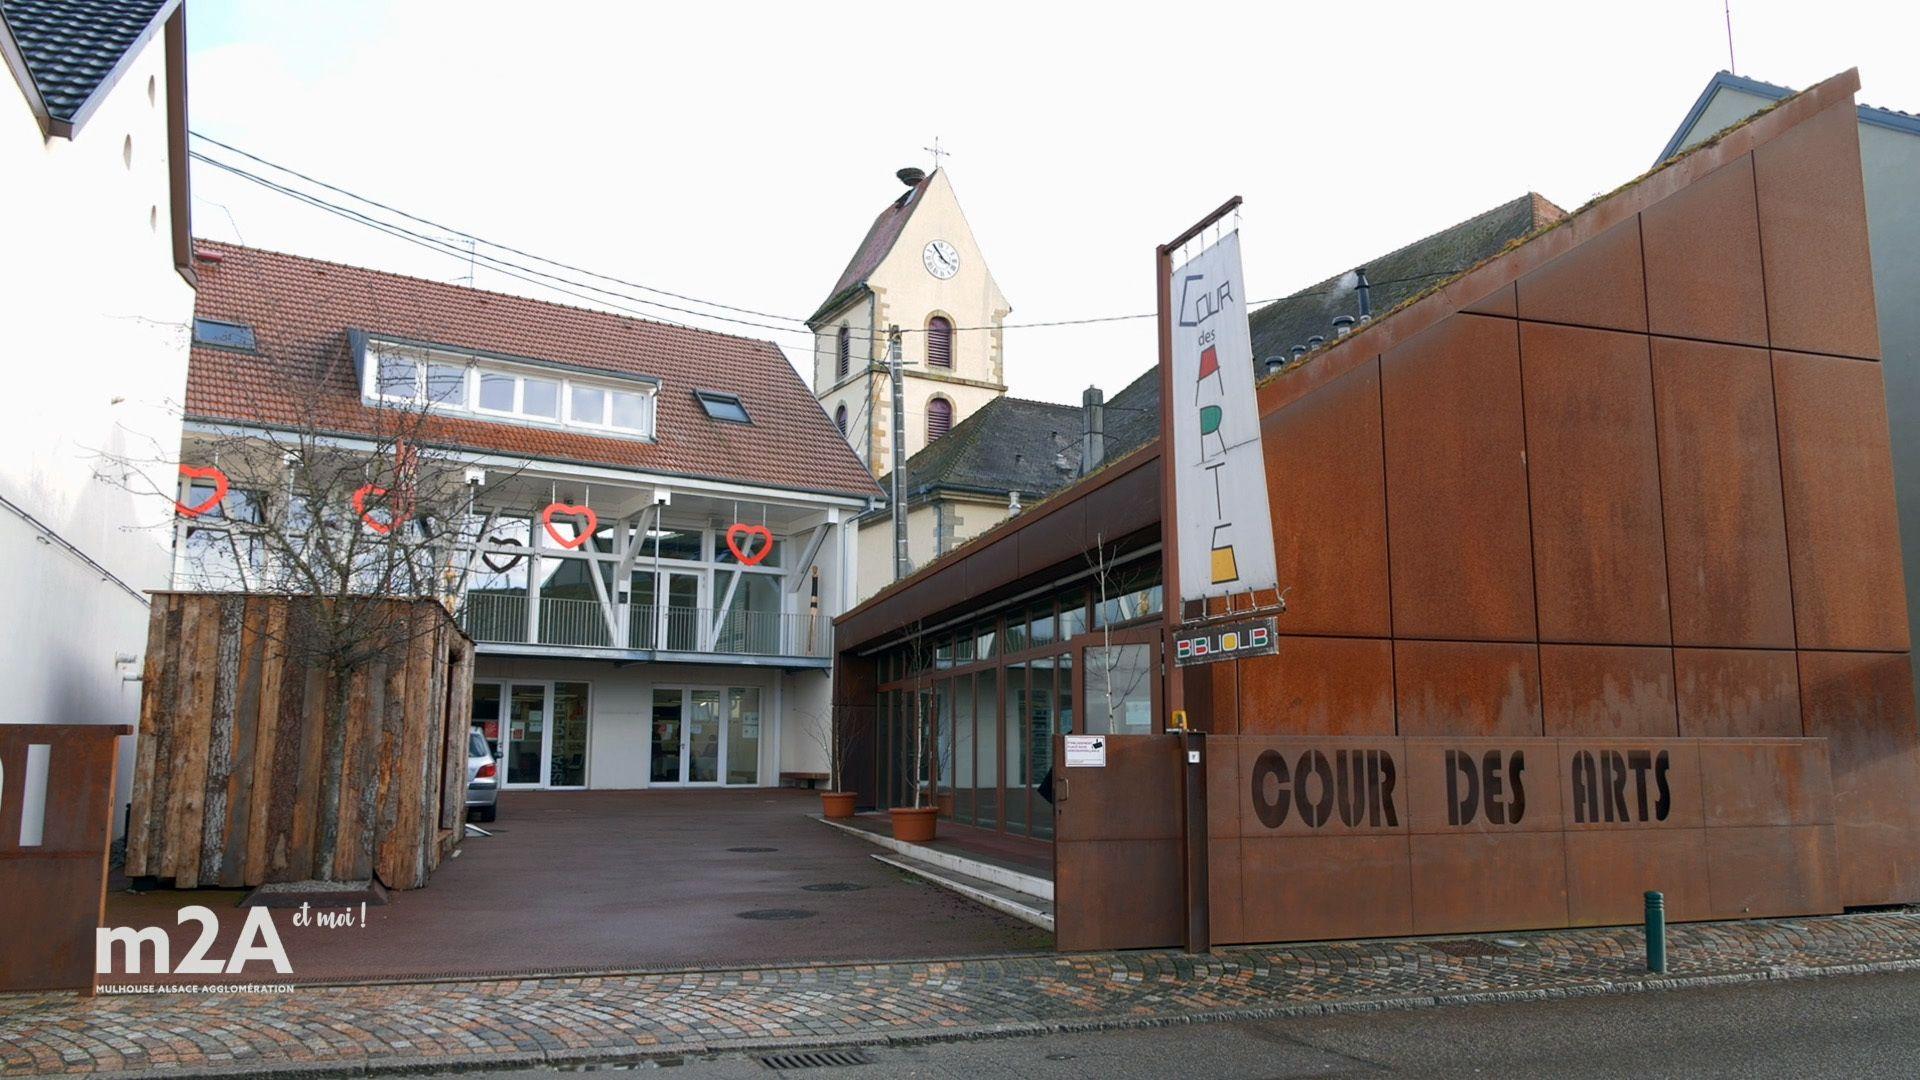 La Cour des Arts